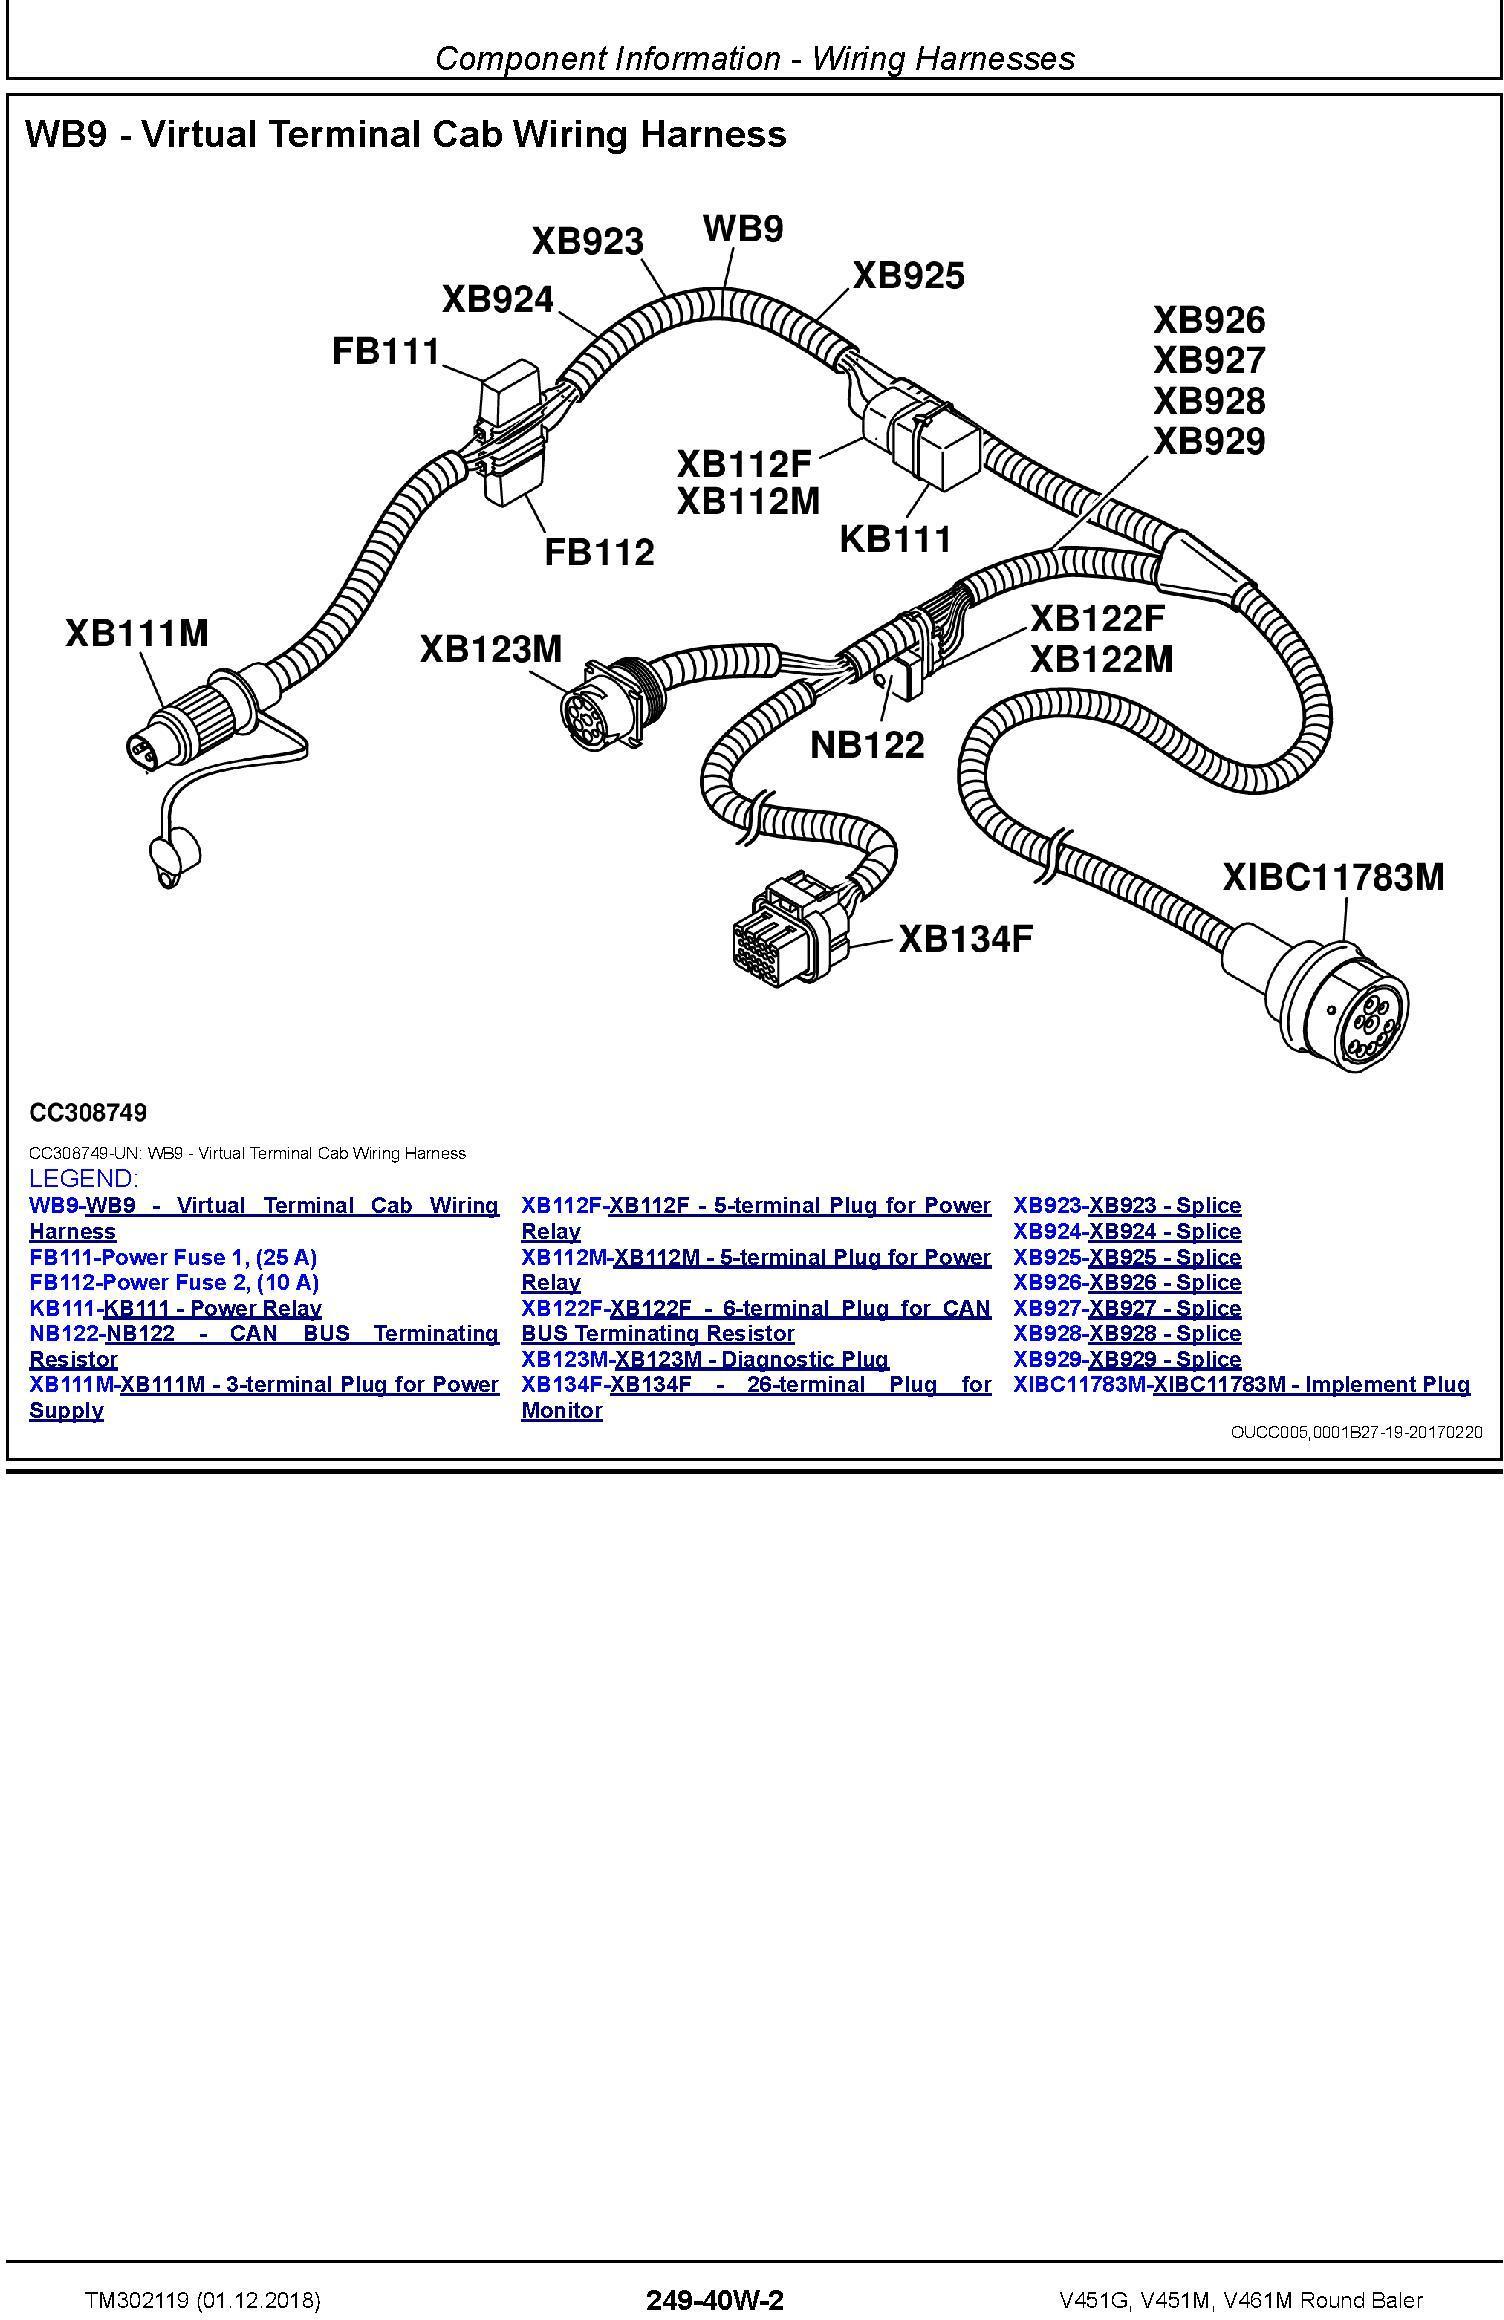 John Deere V451G, V451M, V461M Round Baler Diagnostic Technical Service Manual (TM302119) - 1